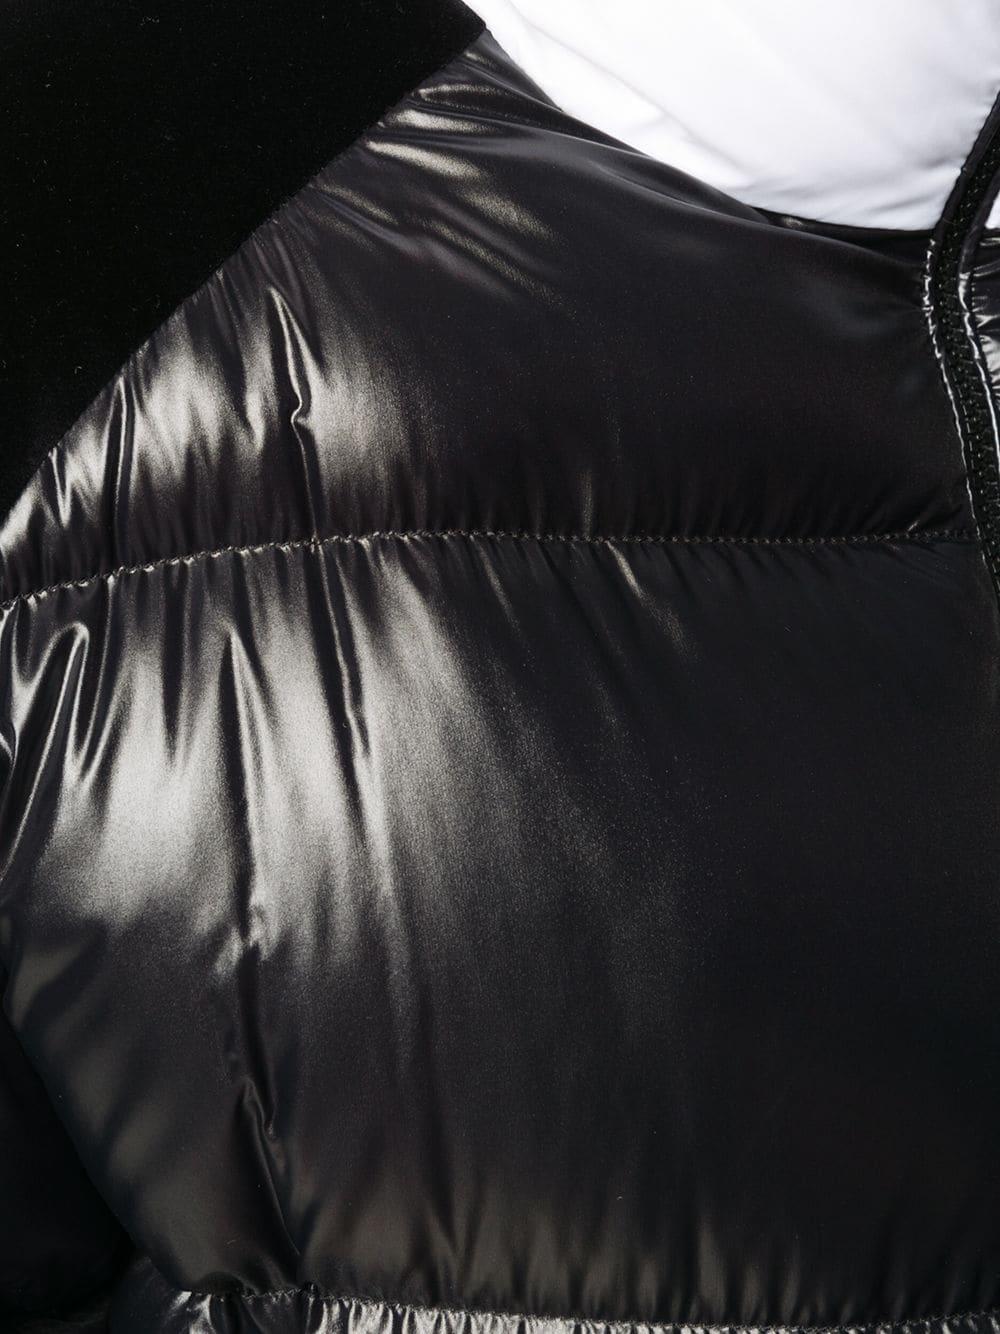 Piumino Chouelle imbottito in piuma d'oca nero con collo bianco a imbuto MONCLER | Piumini | CHOUELLE 1A52B-00-C0232999